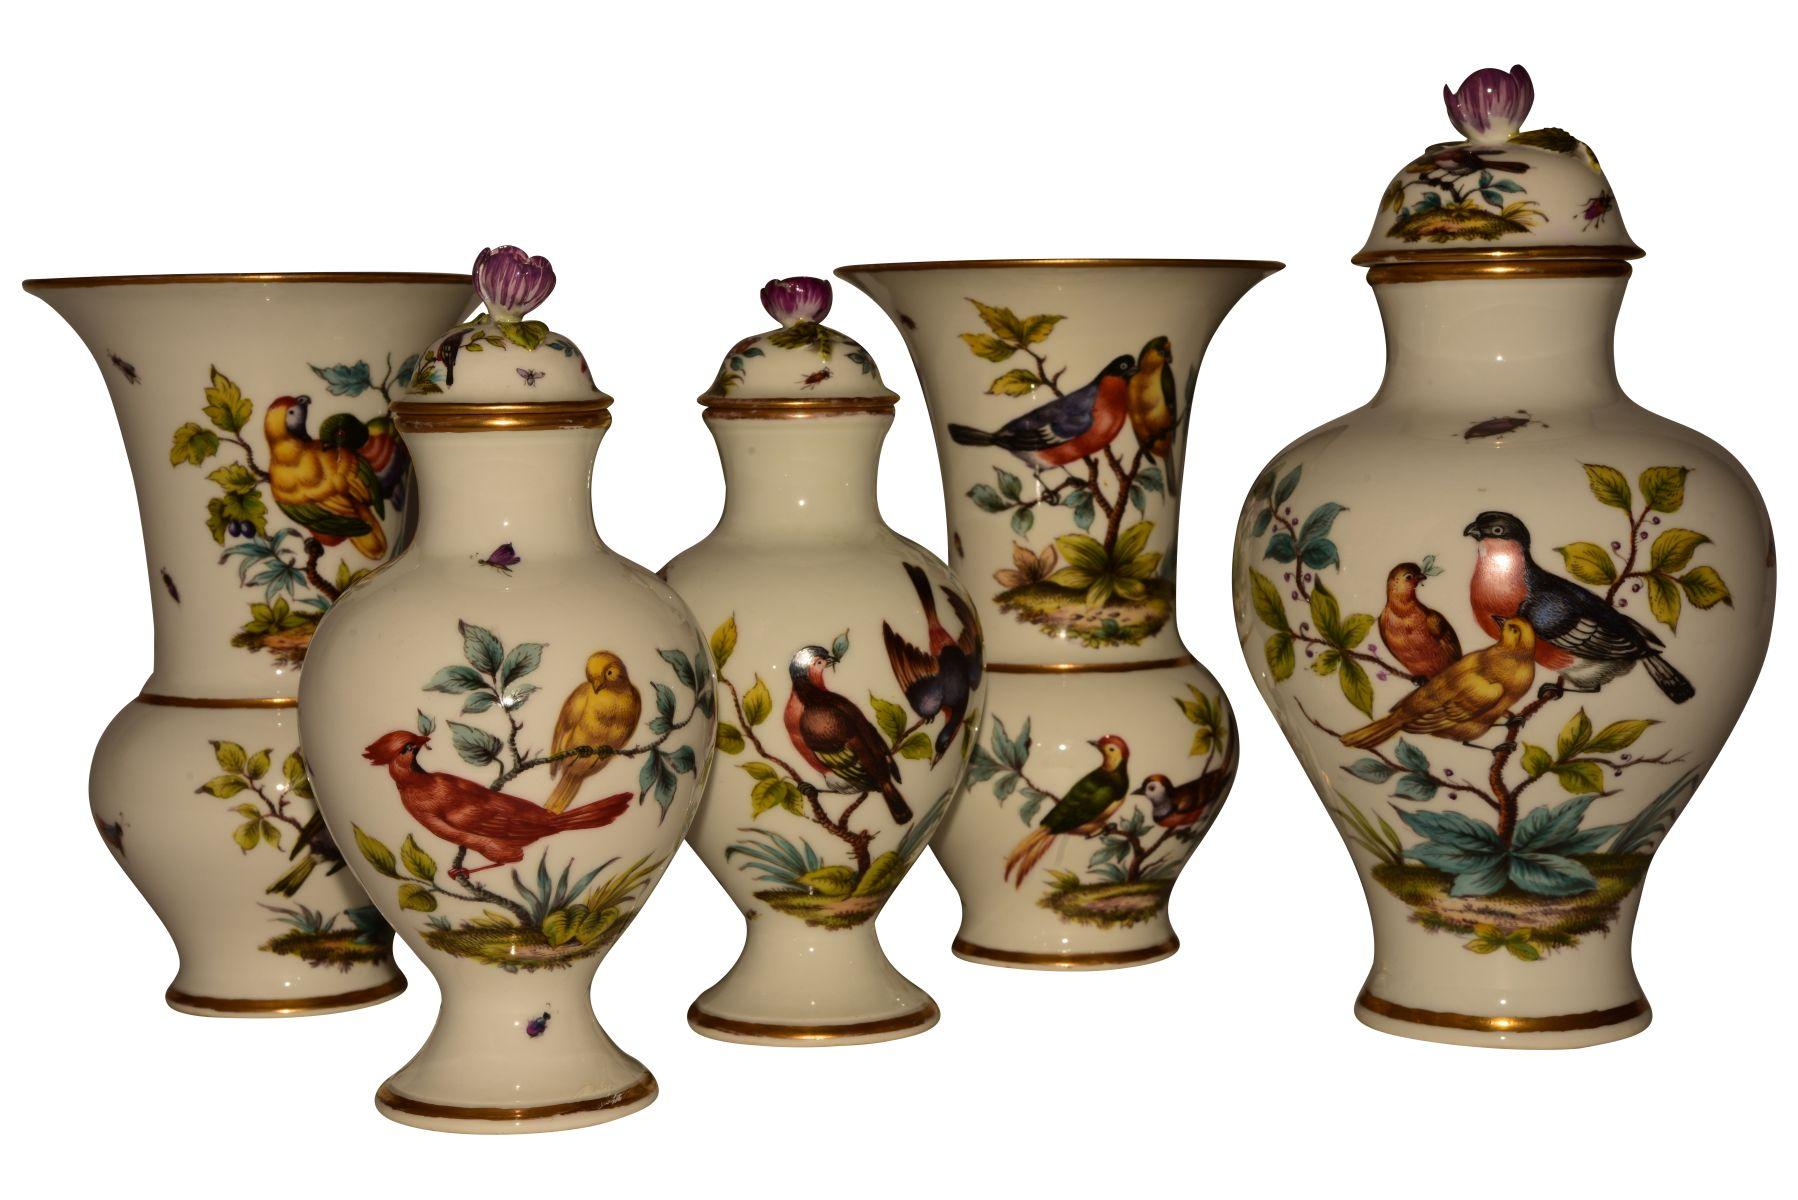 #109 5 rare Augustus Rex vases Dresden 19th century | 5 seltene Augustus Rex Vasen Dresden 19. Jh. Image